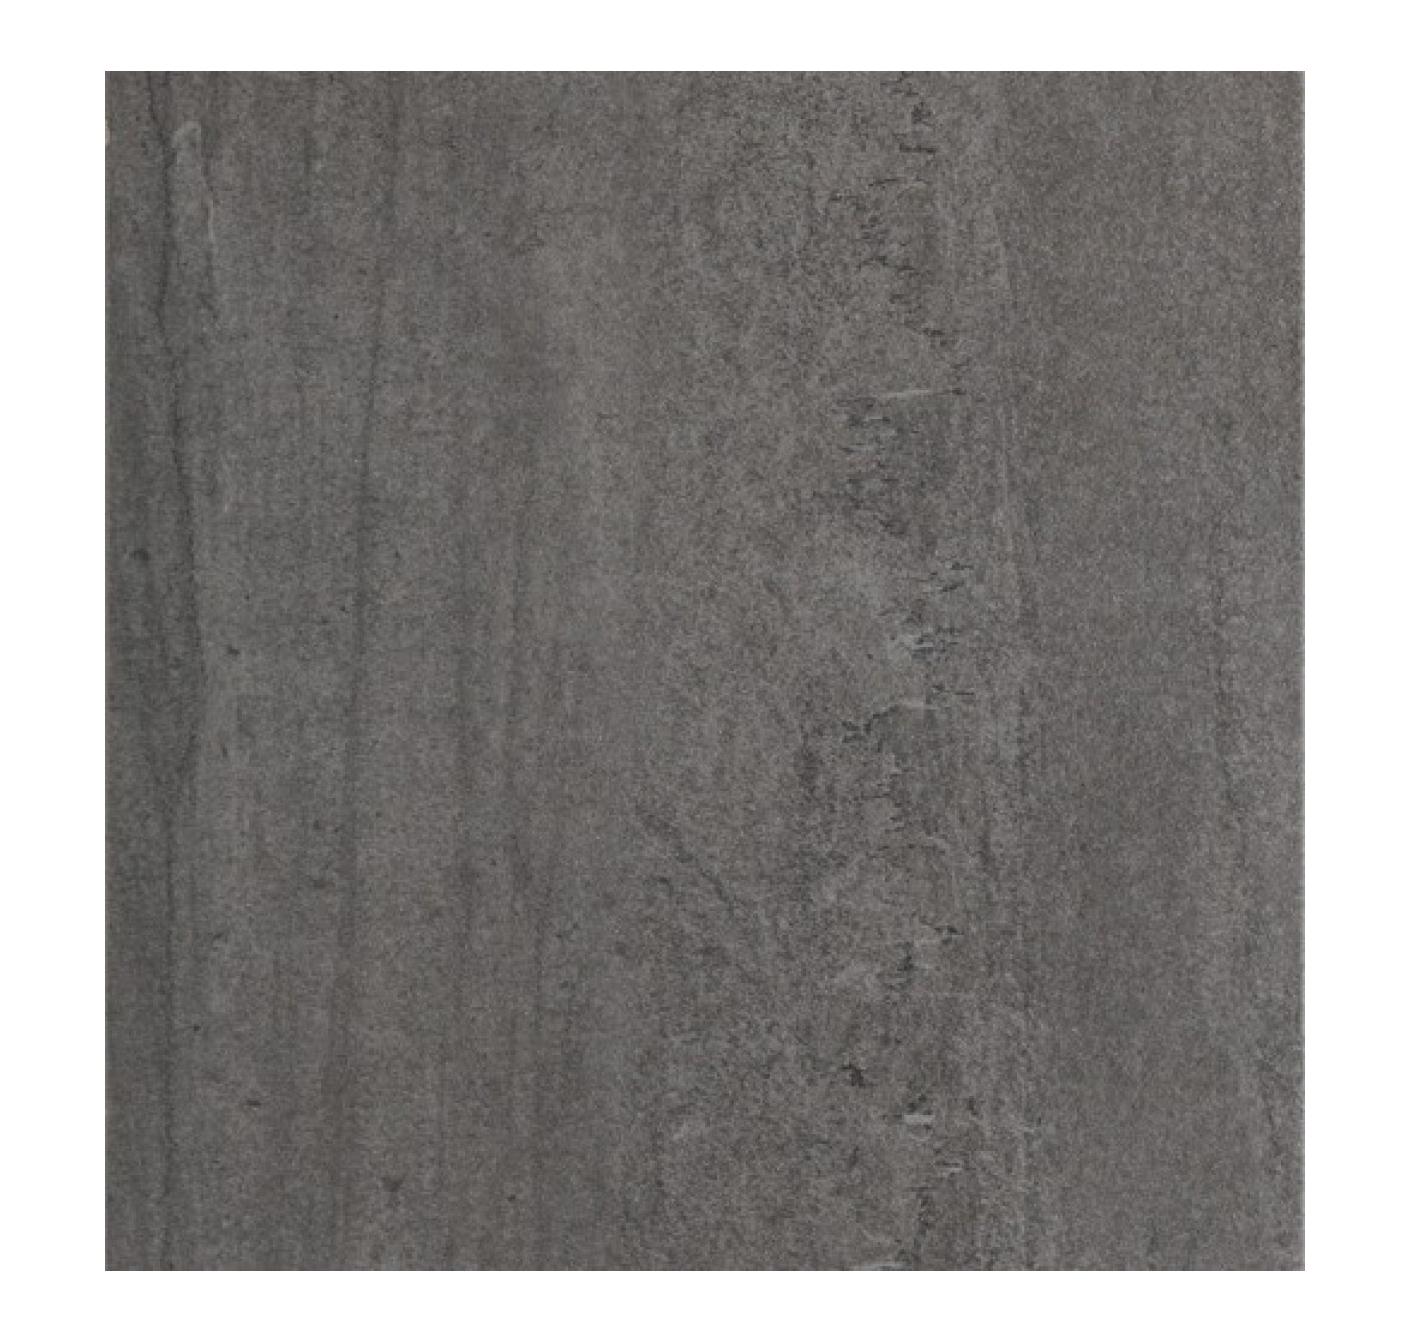 Keramische Tegels Buiten 60x60.Keramische Tuintegel 60 X 60 Cm Quarzite Antraciet Dikte 4 Cm Per Tegel